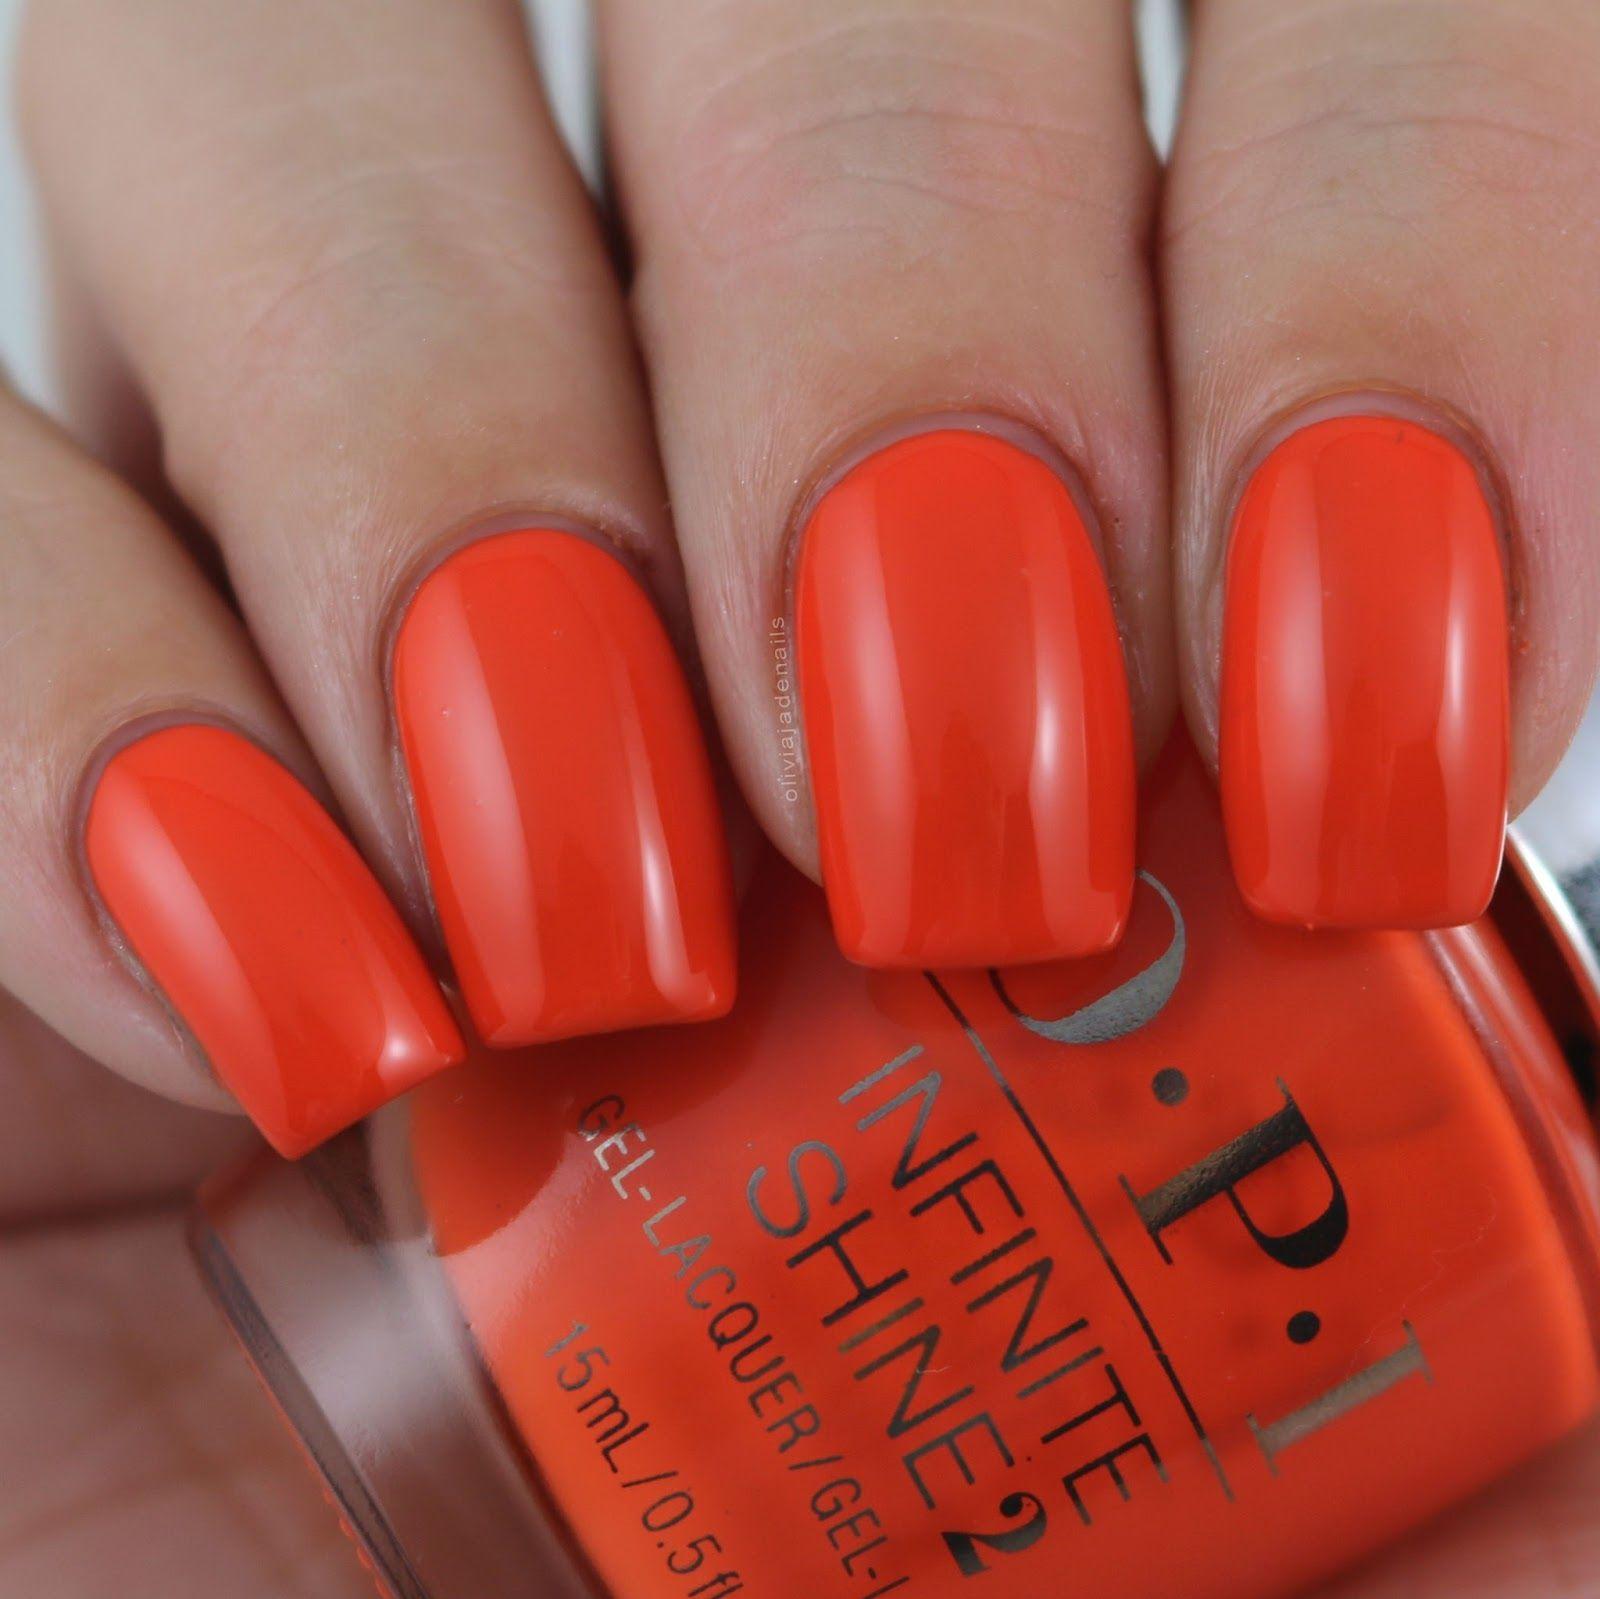 Pin de Monica_prn en Nails | Manicura de uñas, Uñas de